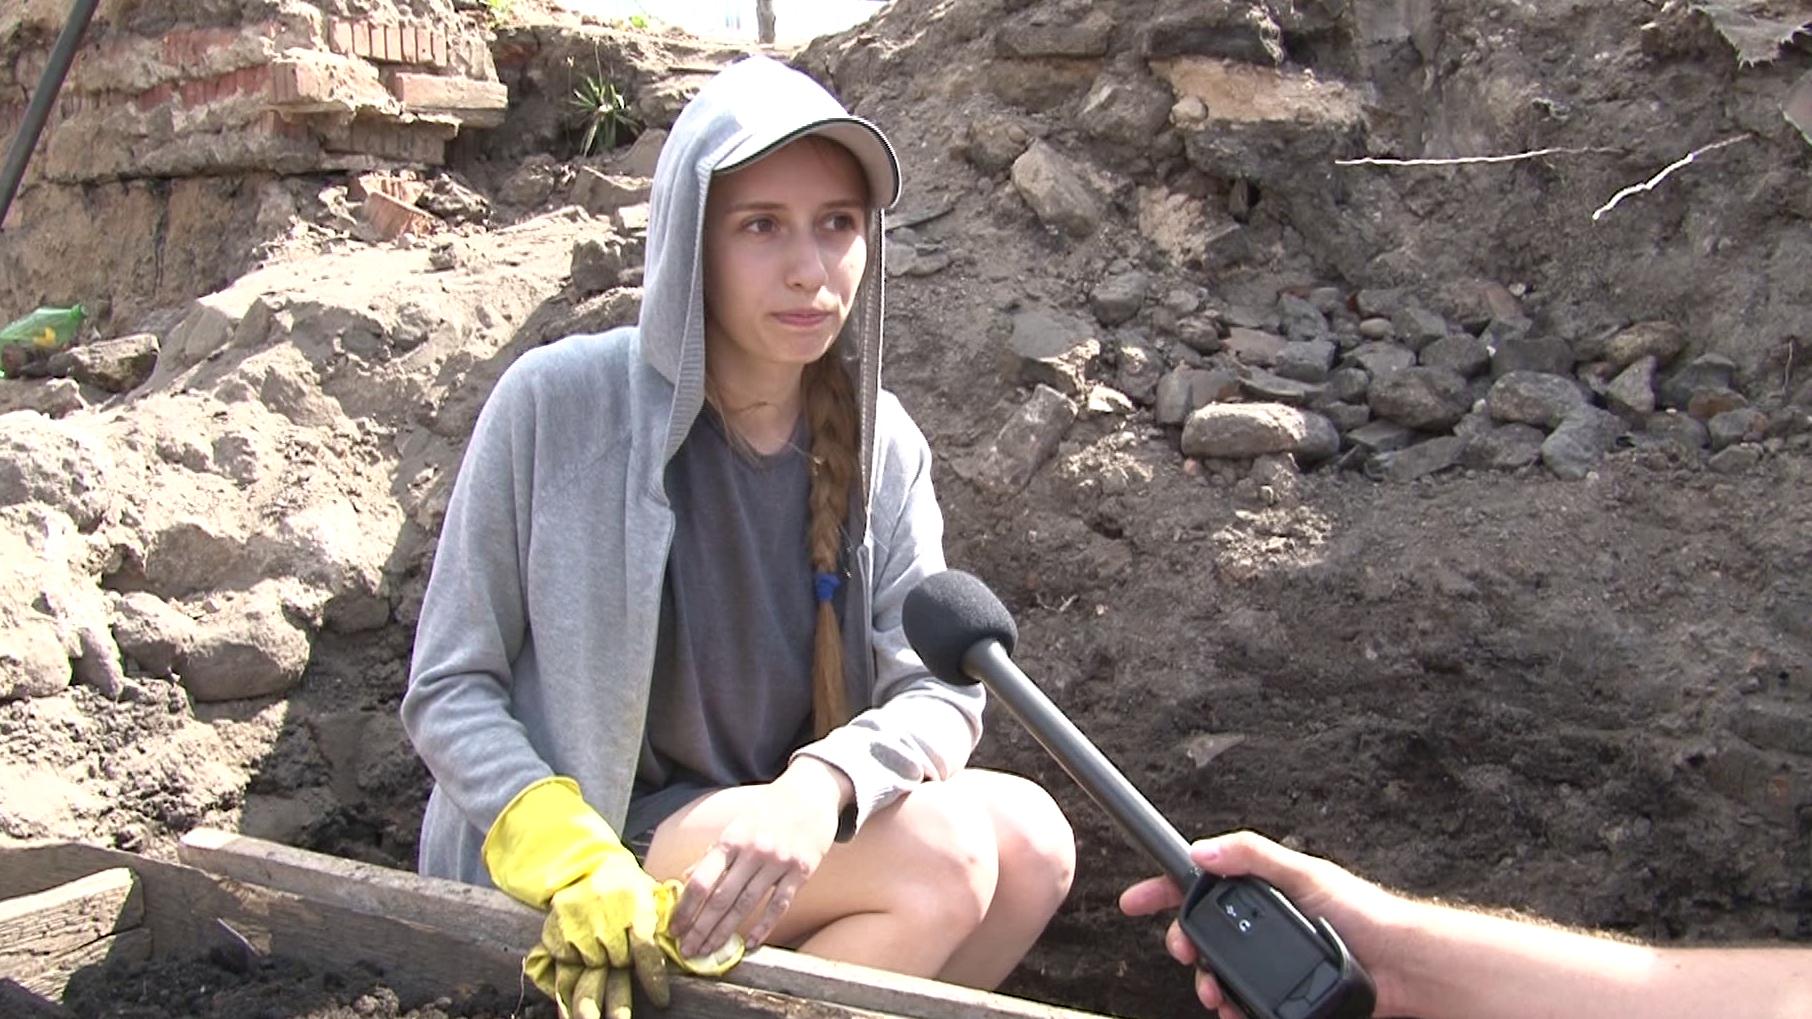 raskopki - Студенты ПГУ участвуют в раскопках Верхнего замка в Полоцке (видео)